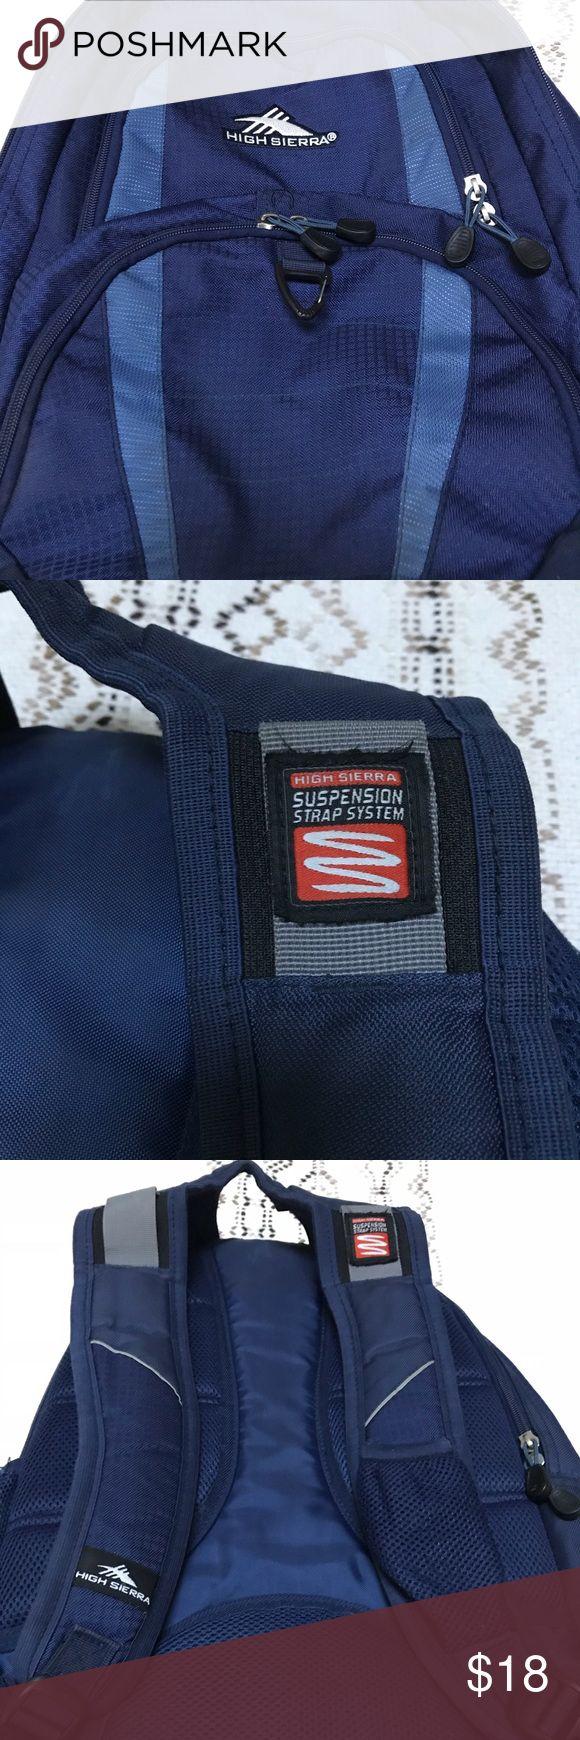 Nice High Sierra backpack Very nice High Sierra backpack. EUC! High Sierra Bags Backpacks